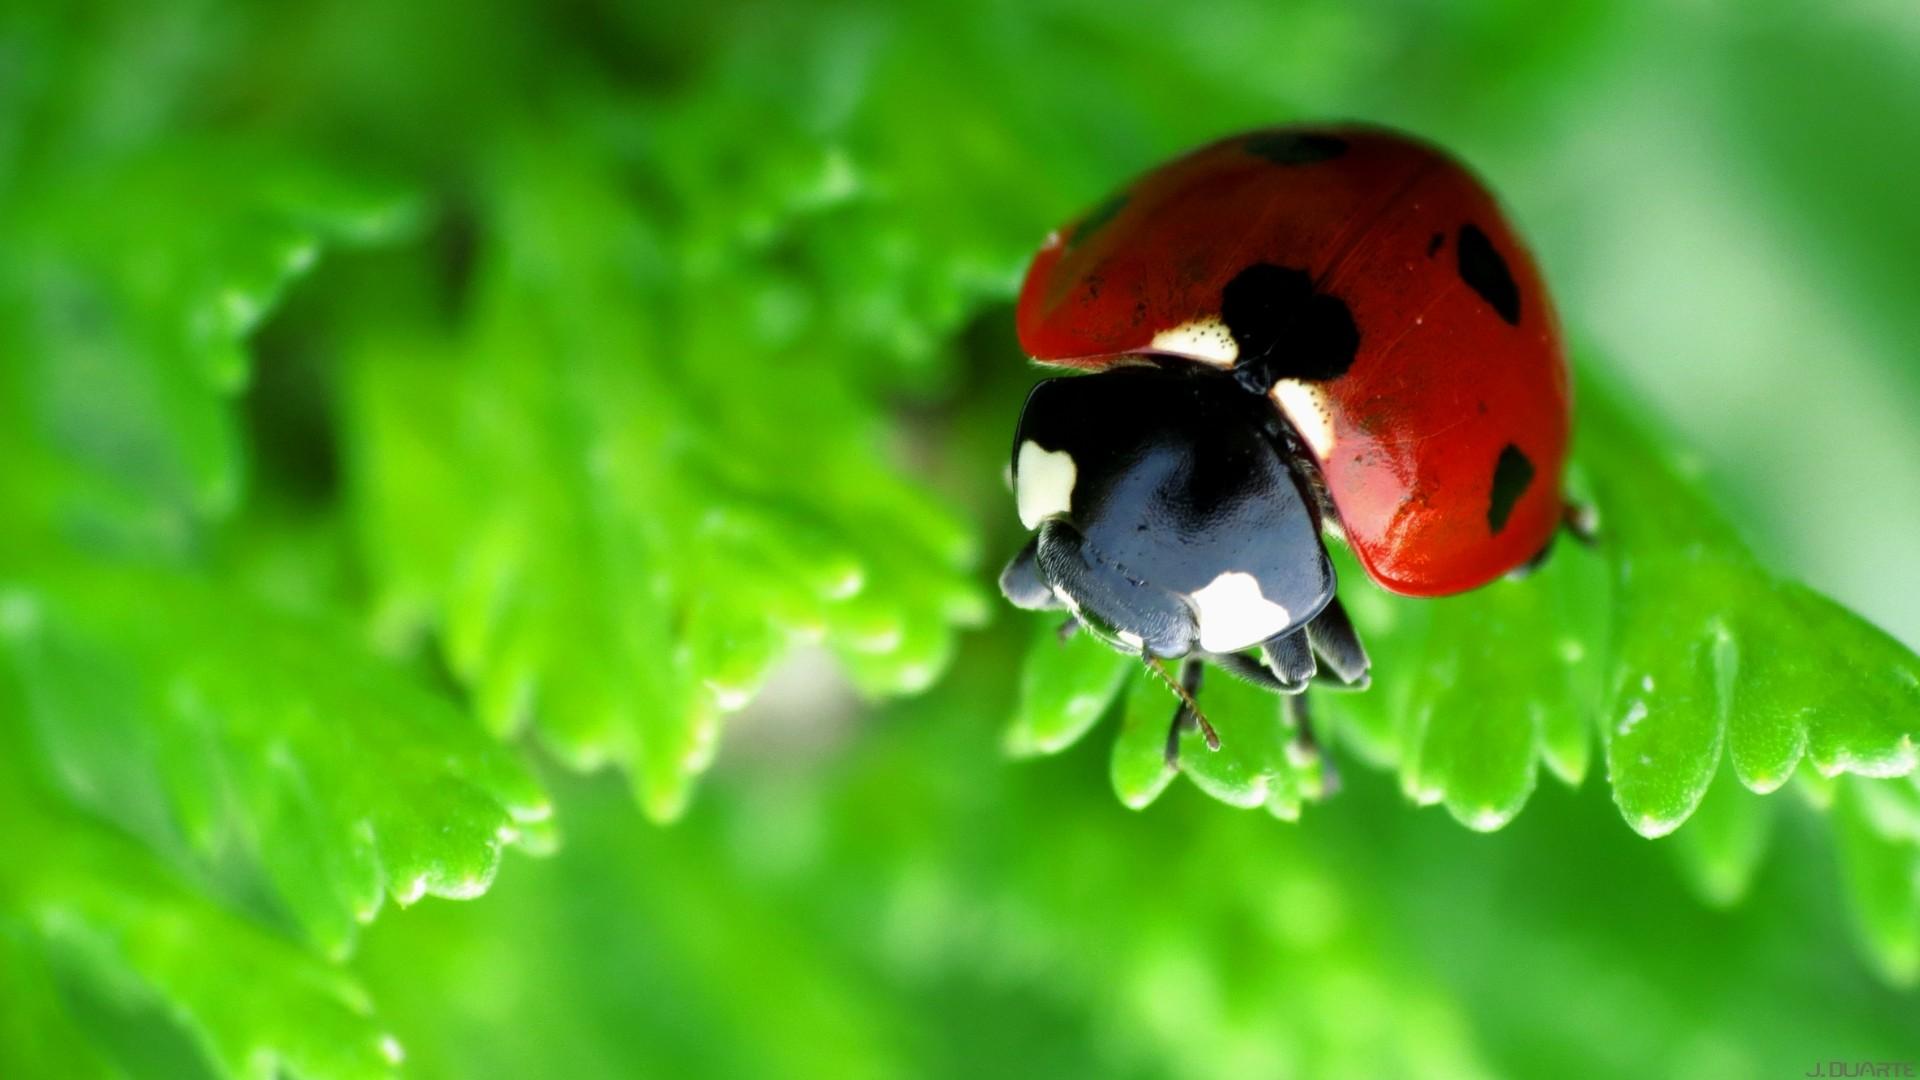 … Ladybug Macro Green wallpaper …